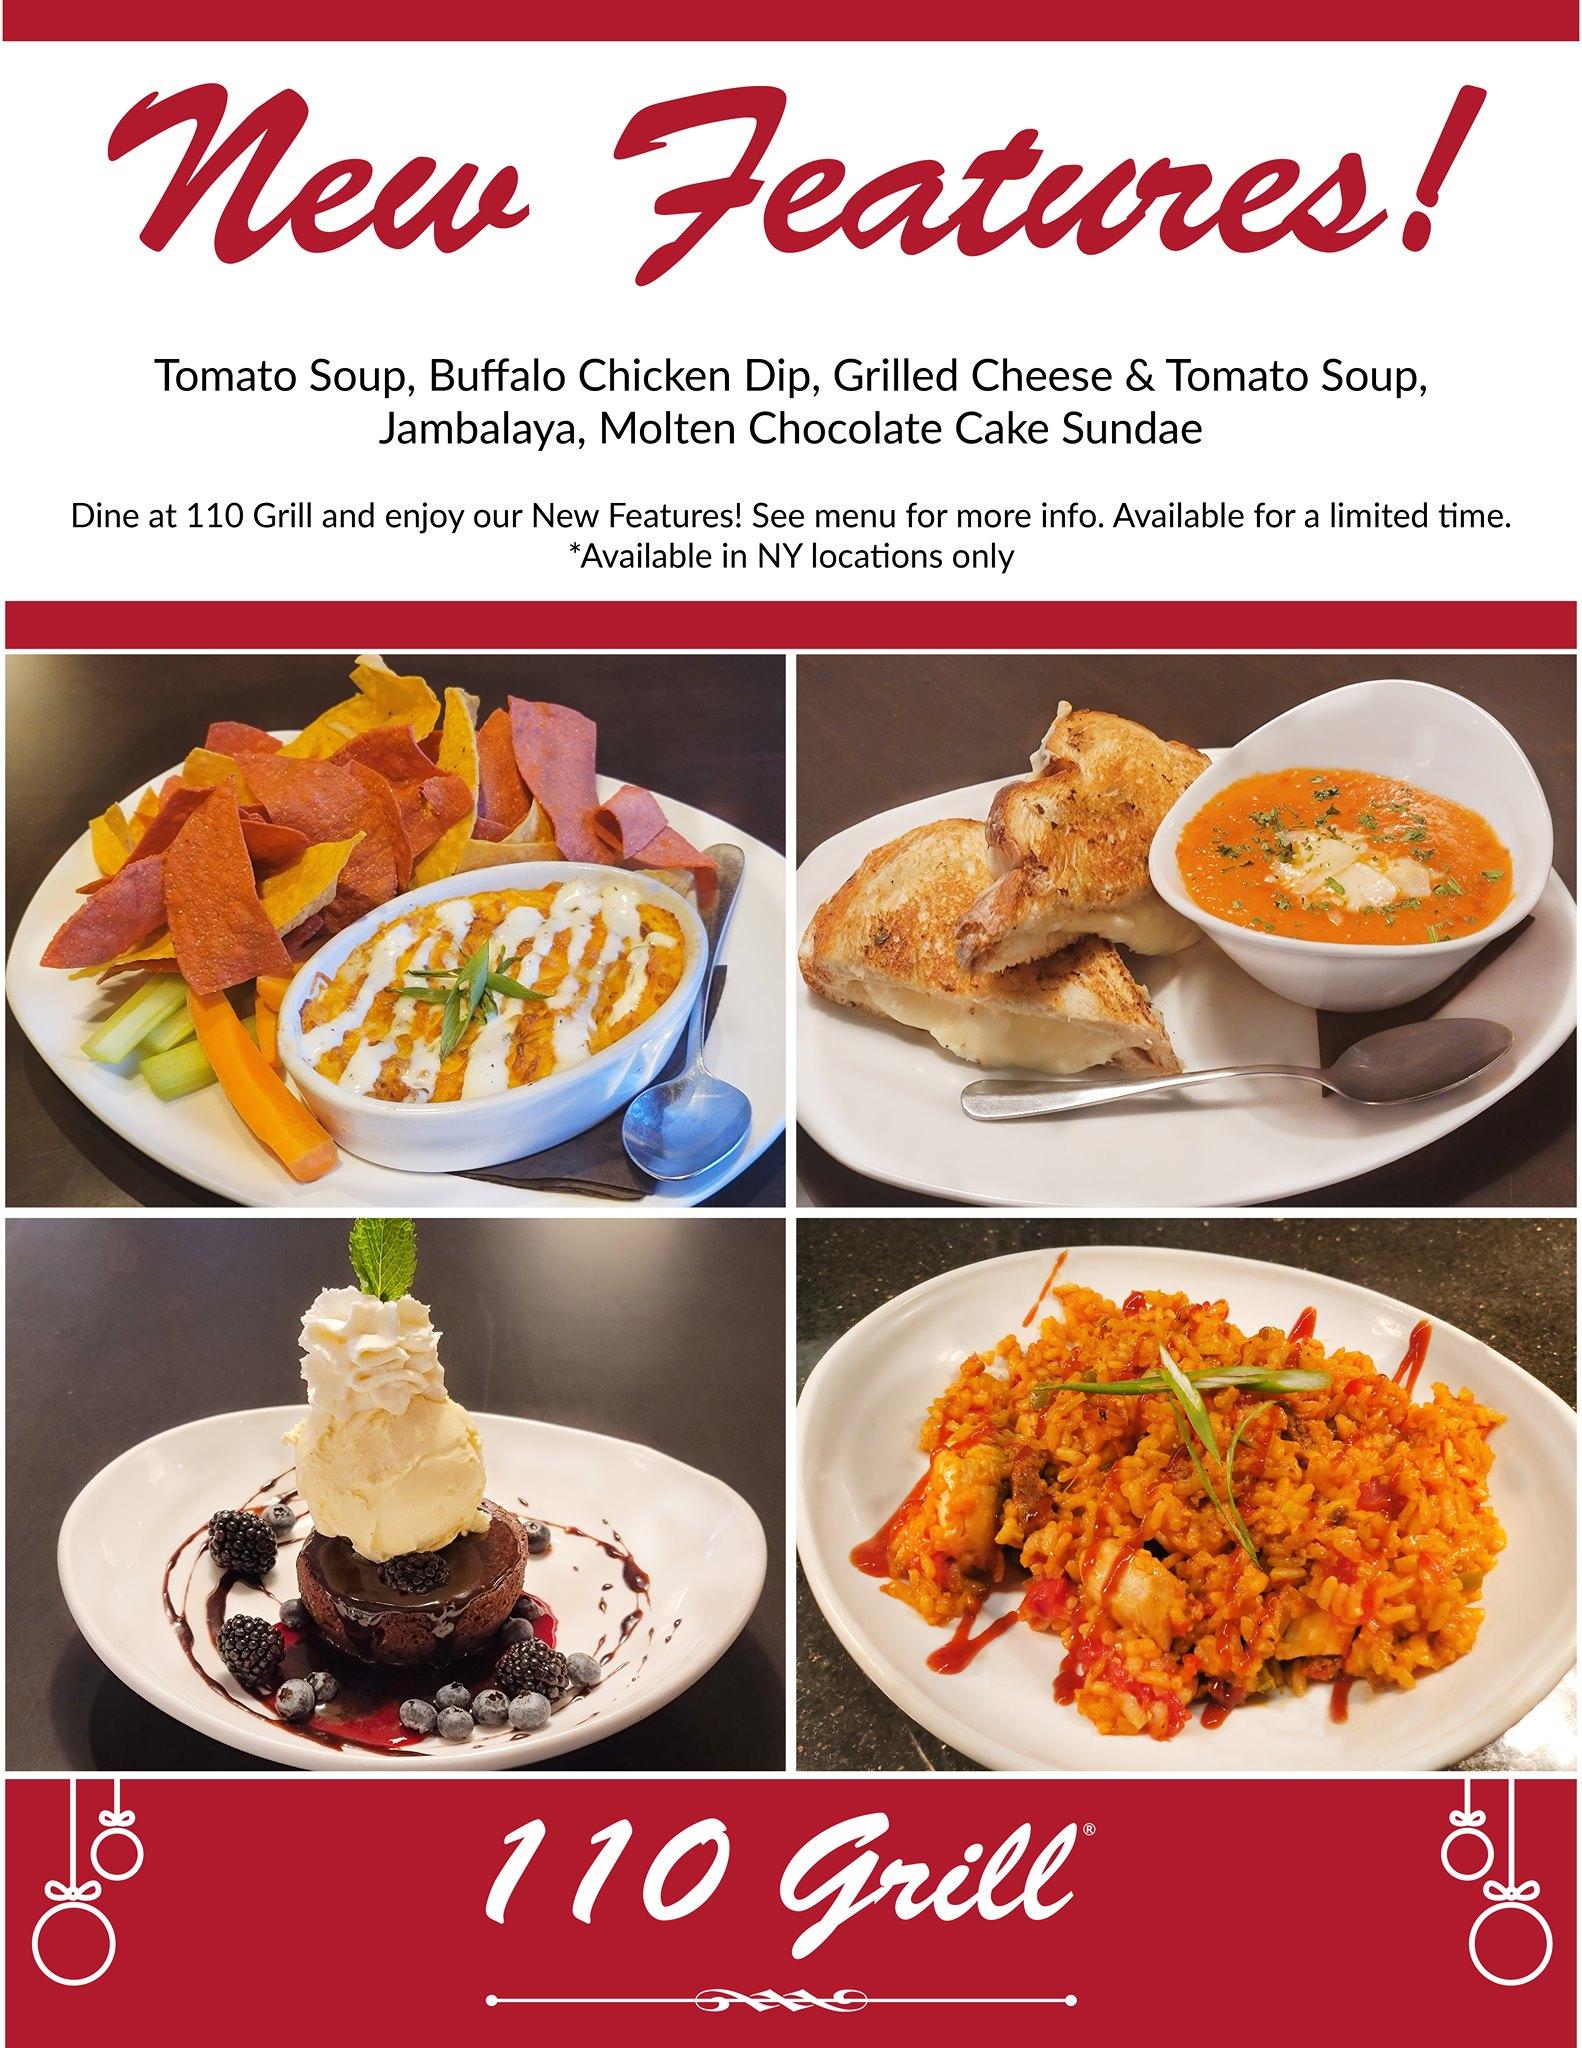 110 Grill December Specials